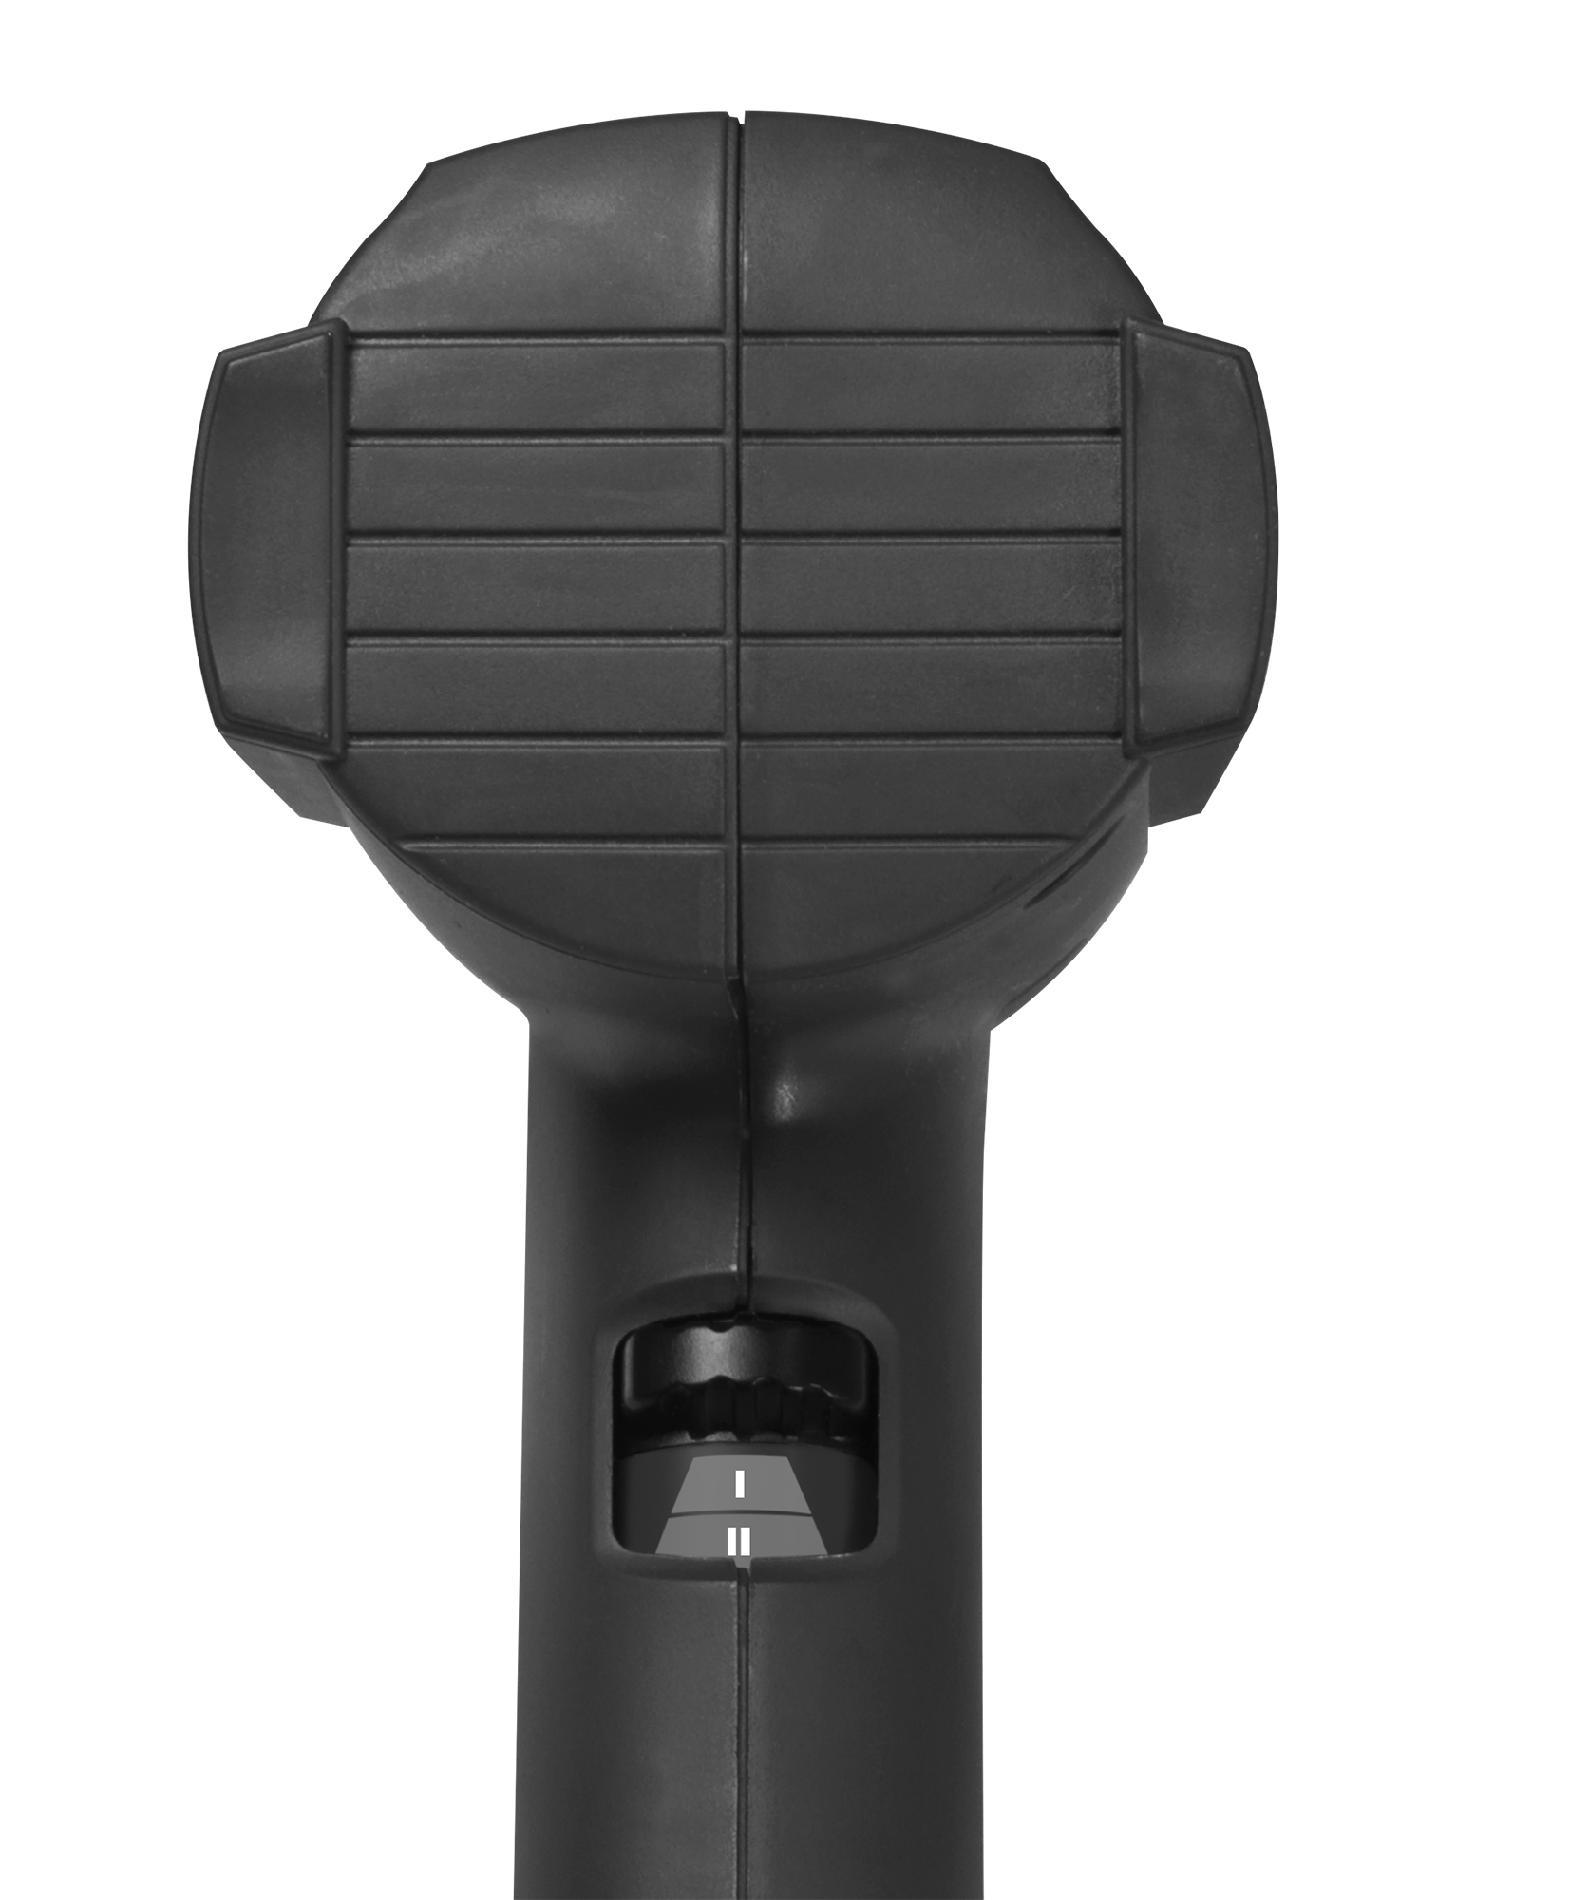 Craftsman General Purpose Heat Gun